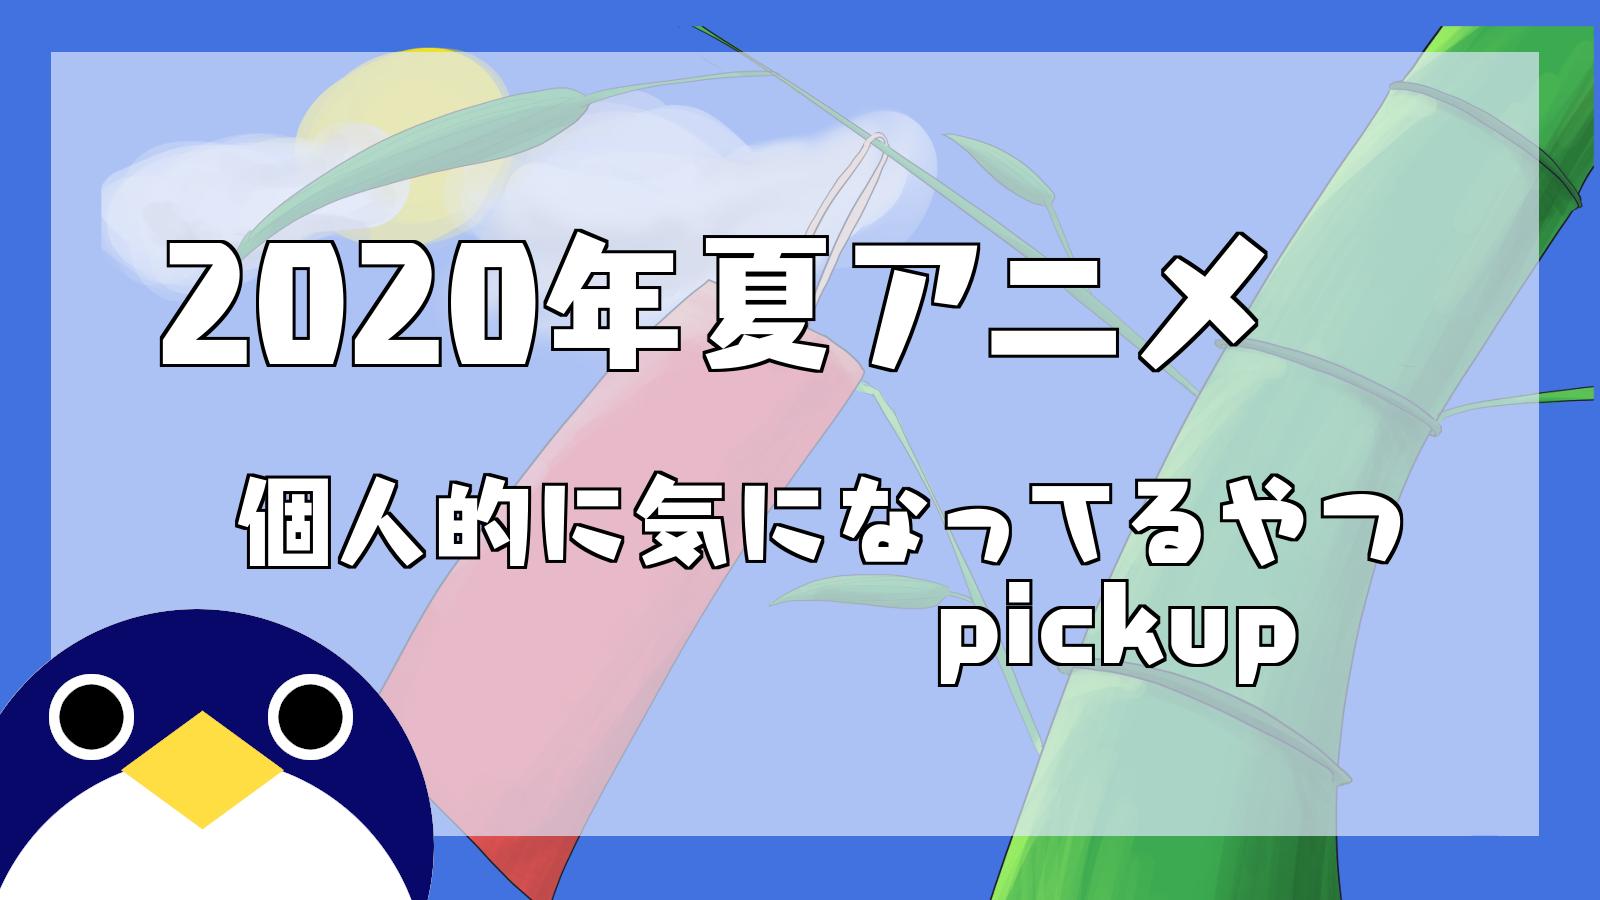 2020年夏アニメピックアップ